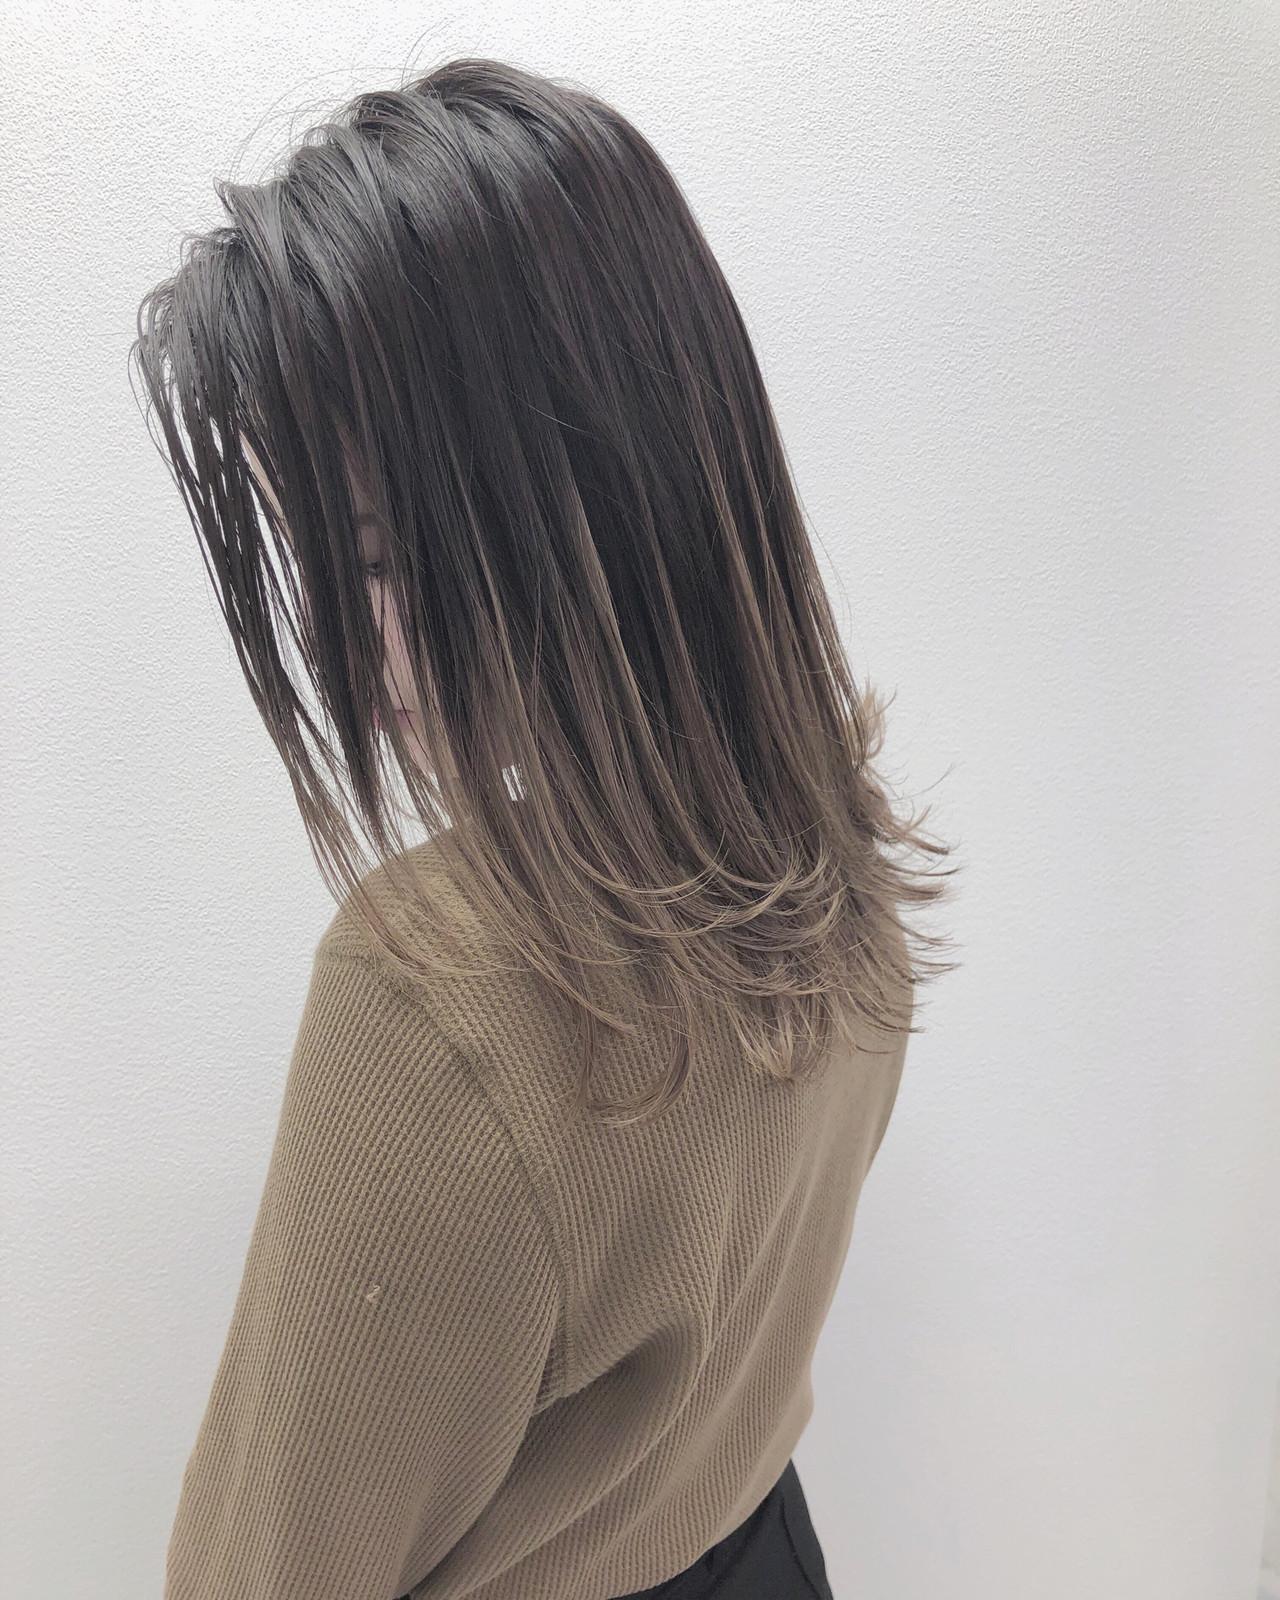 グラデーションカラー グレージュ アッシュグラデーション バレイヤージュ ヘアスタイルや髪型の写真・画像